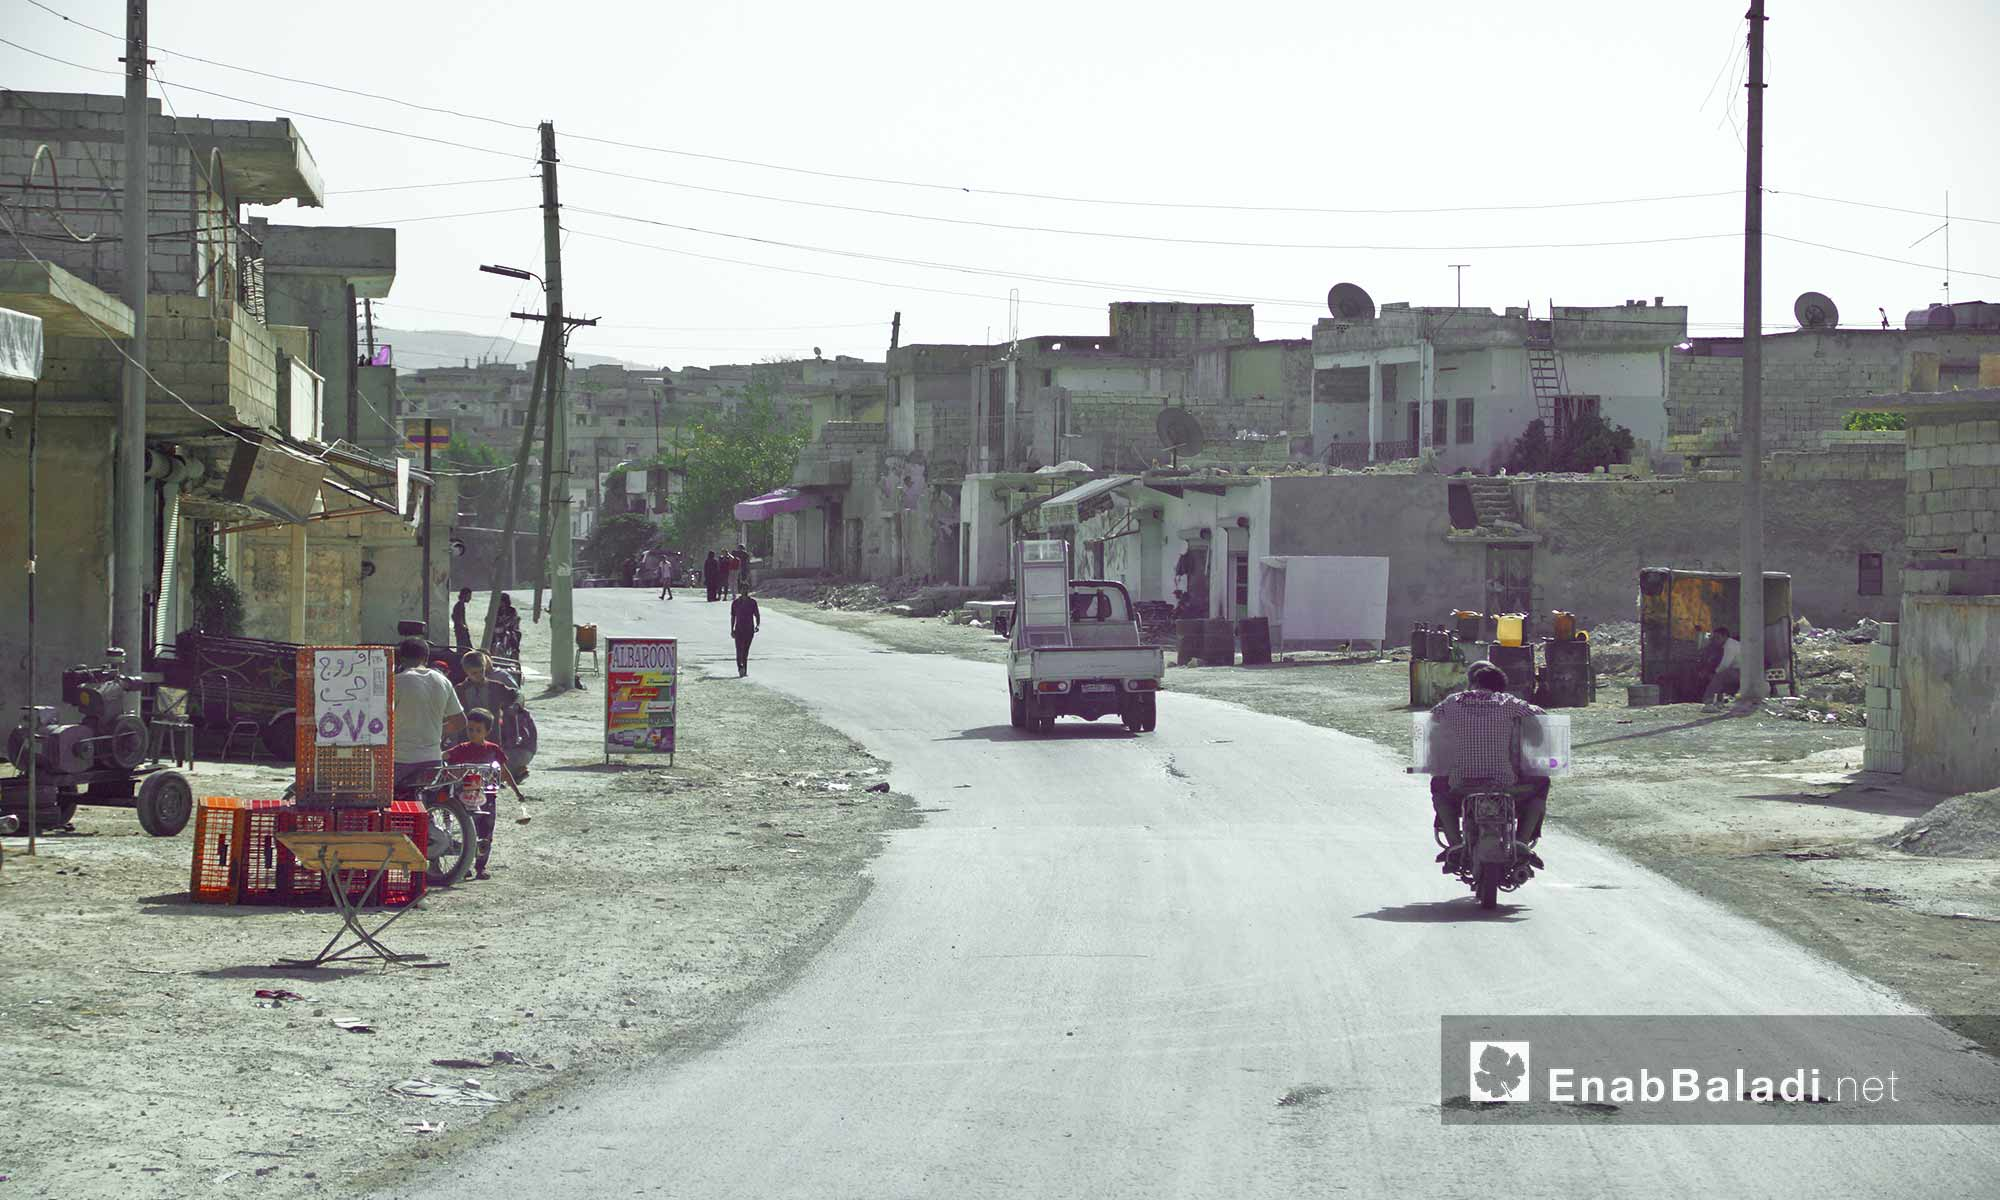 بلدة المسطومة في ريف إدلب الجنوبي - 14 تشرين الأول 2016 (عنب بلدي)